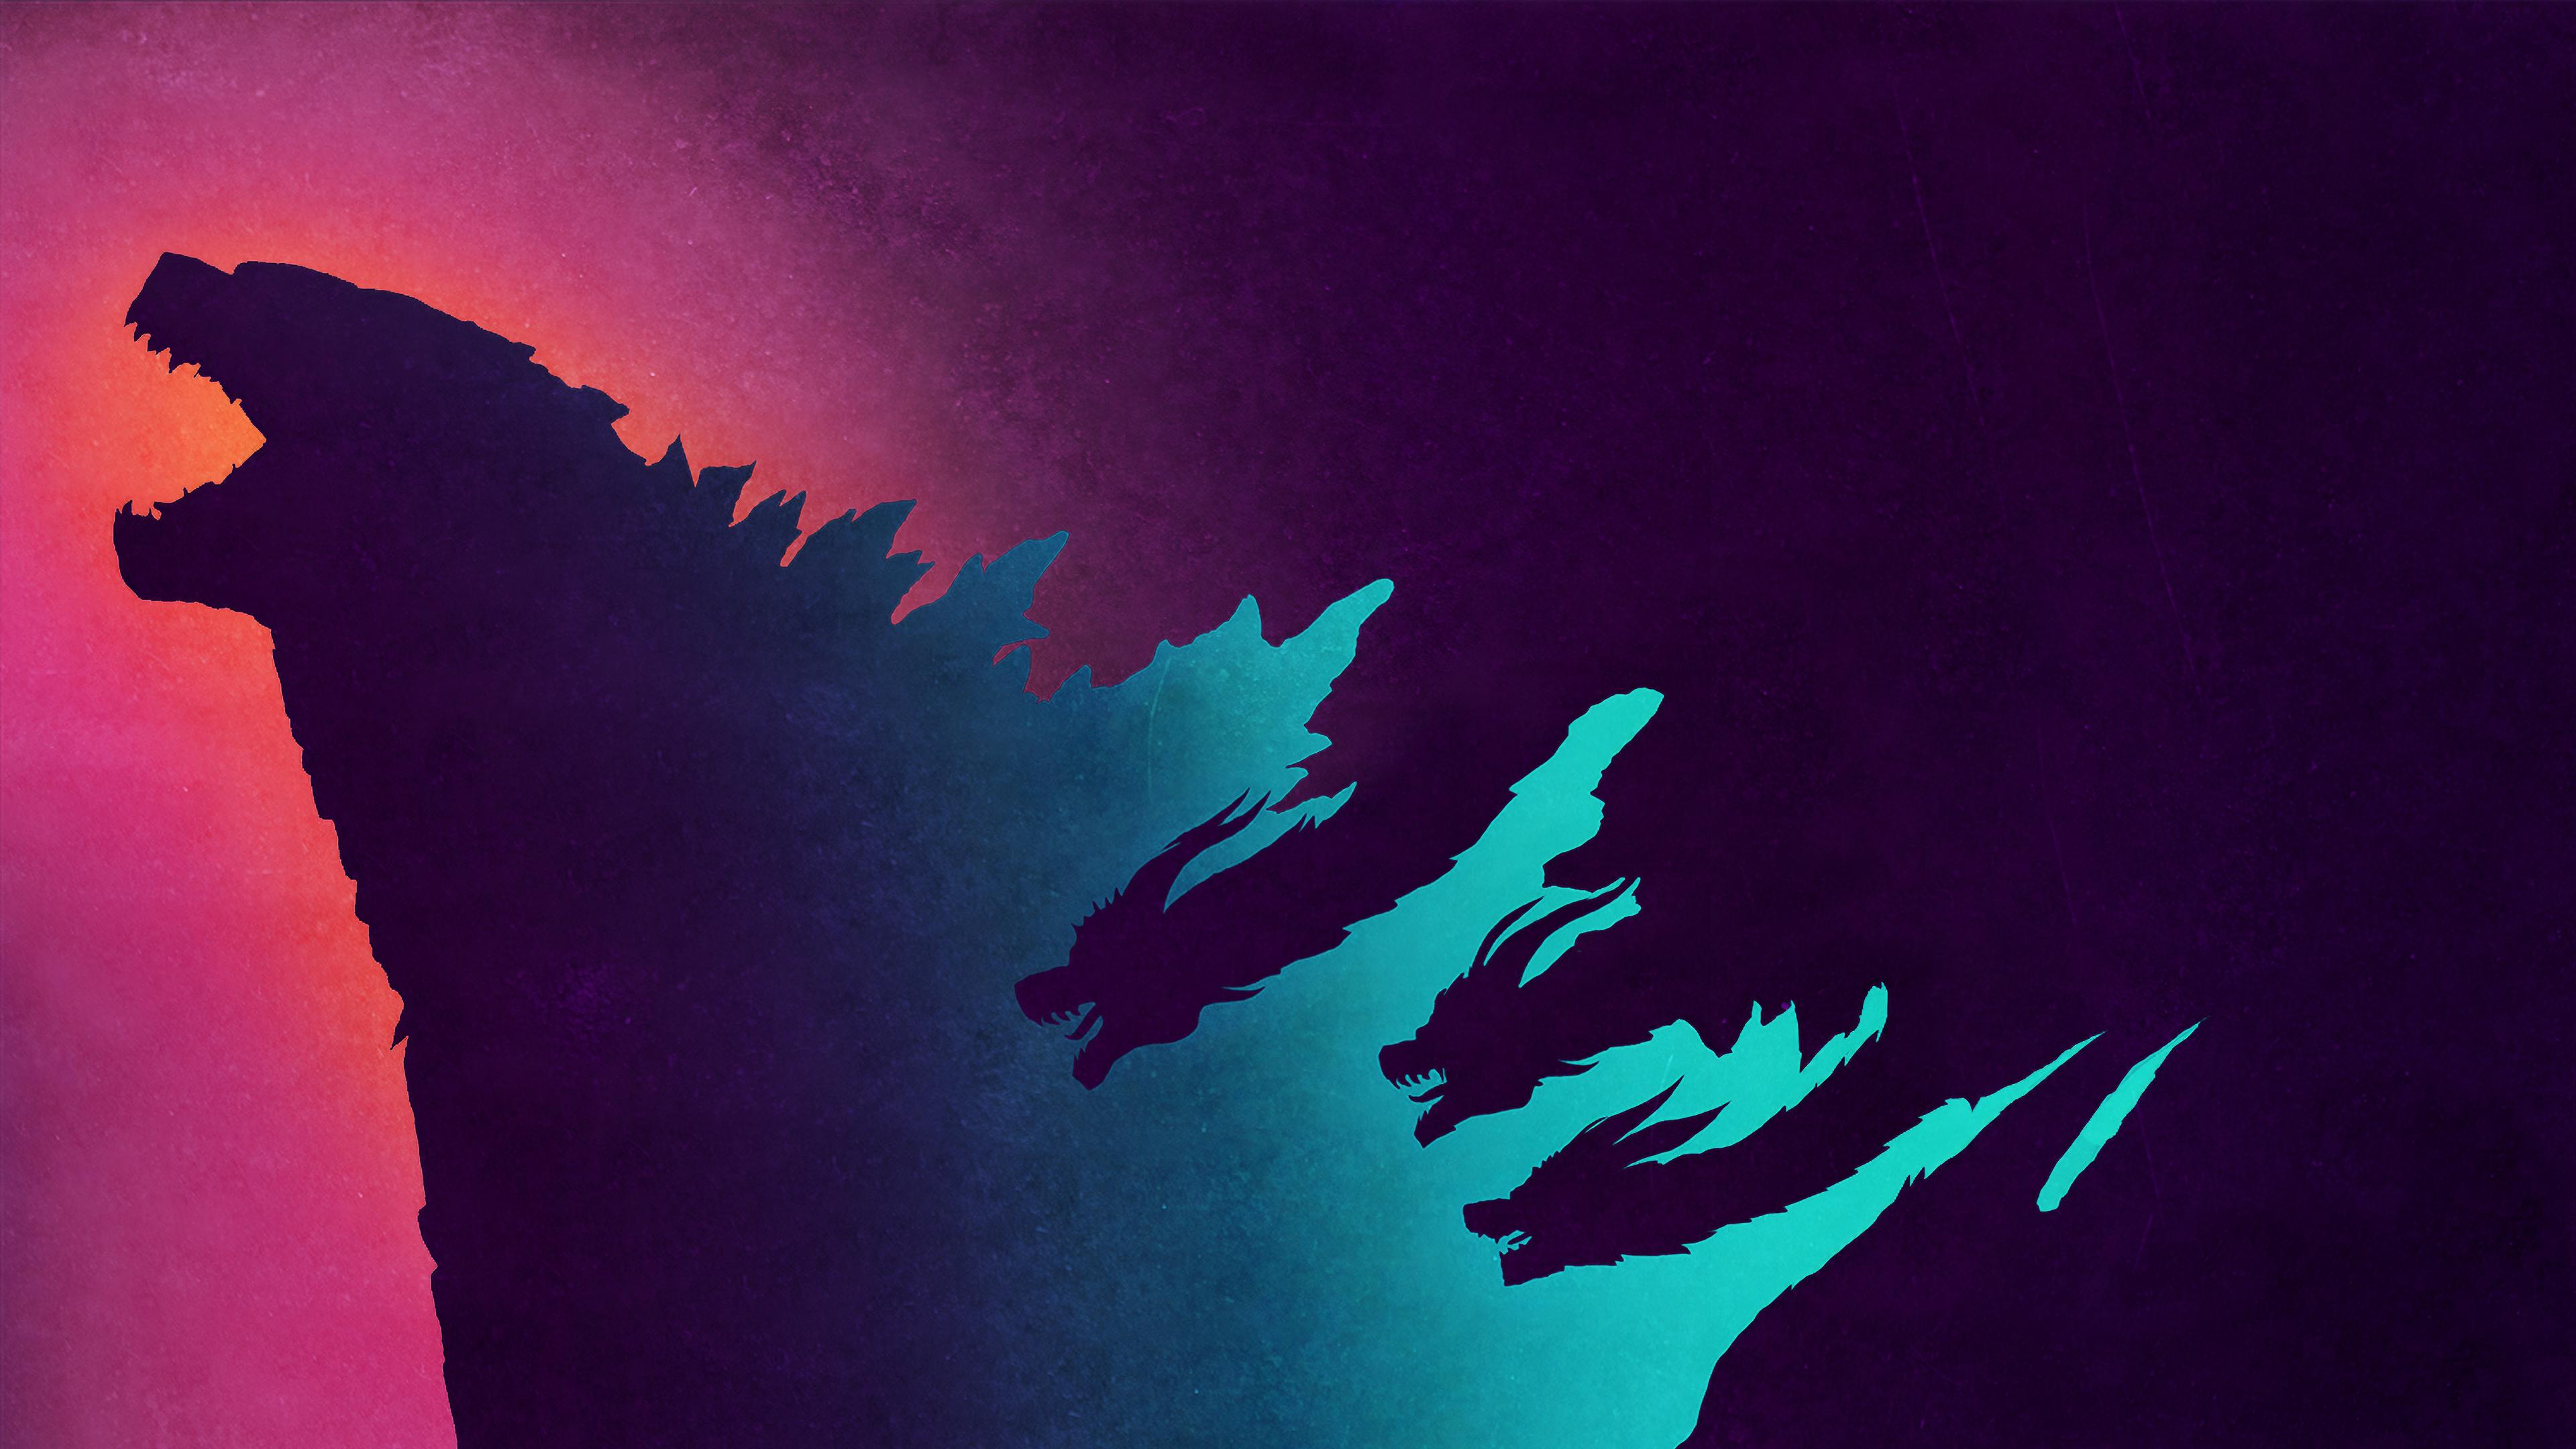 Godzilla 4k Wallpaper Posted By Zoey Walker